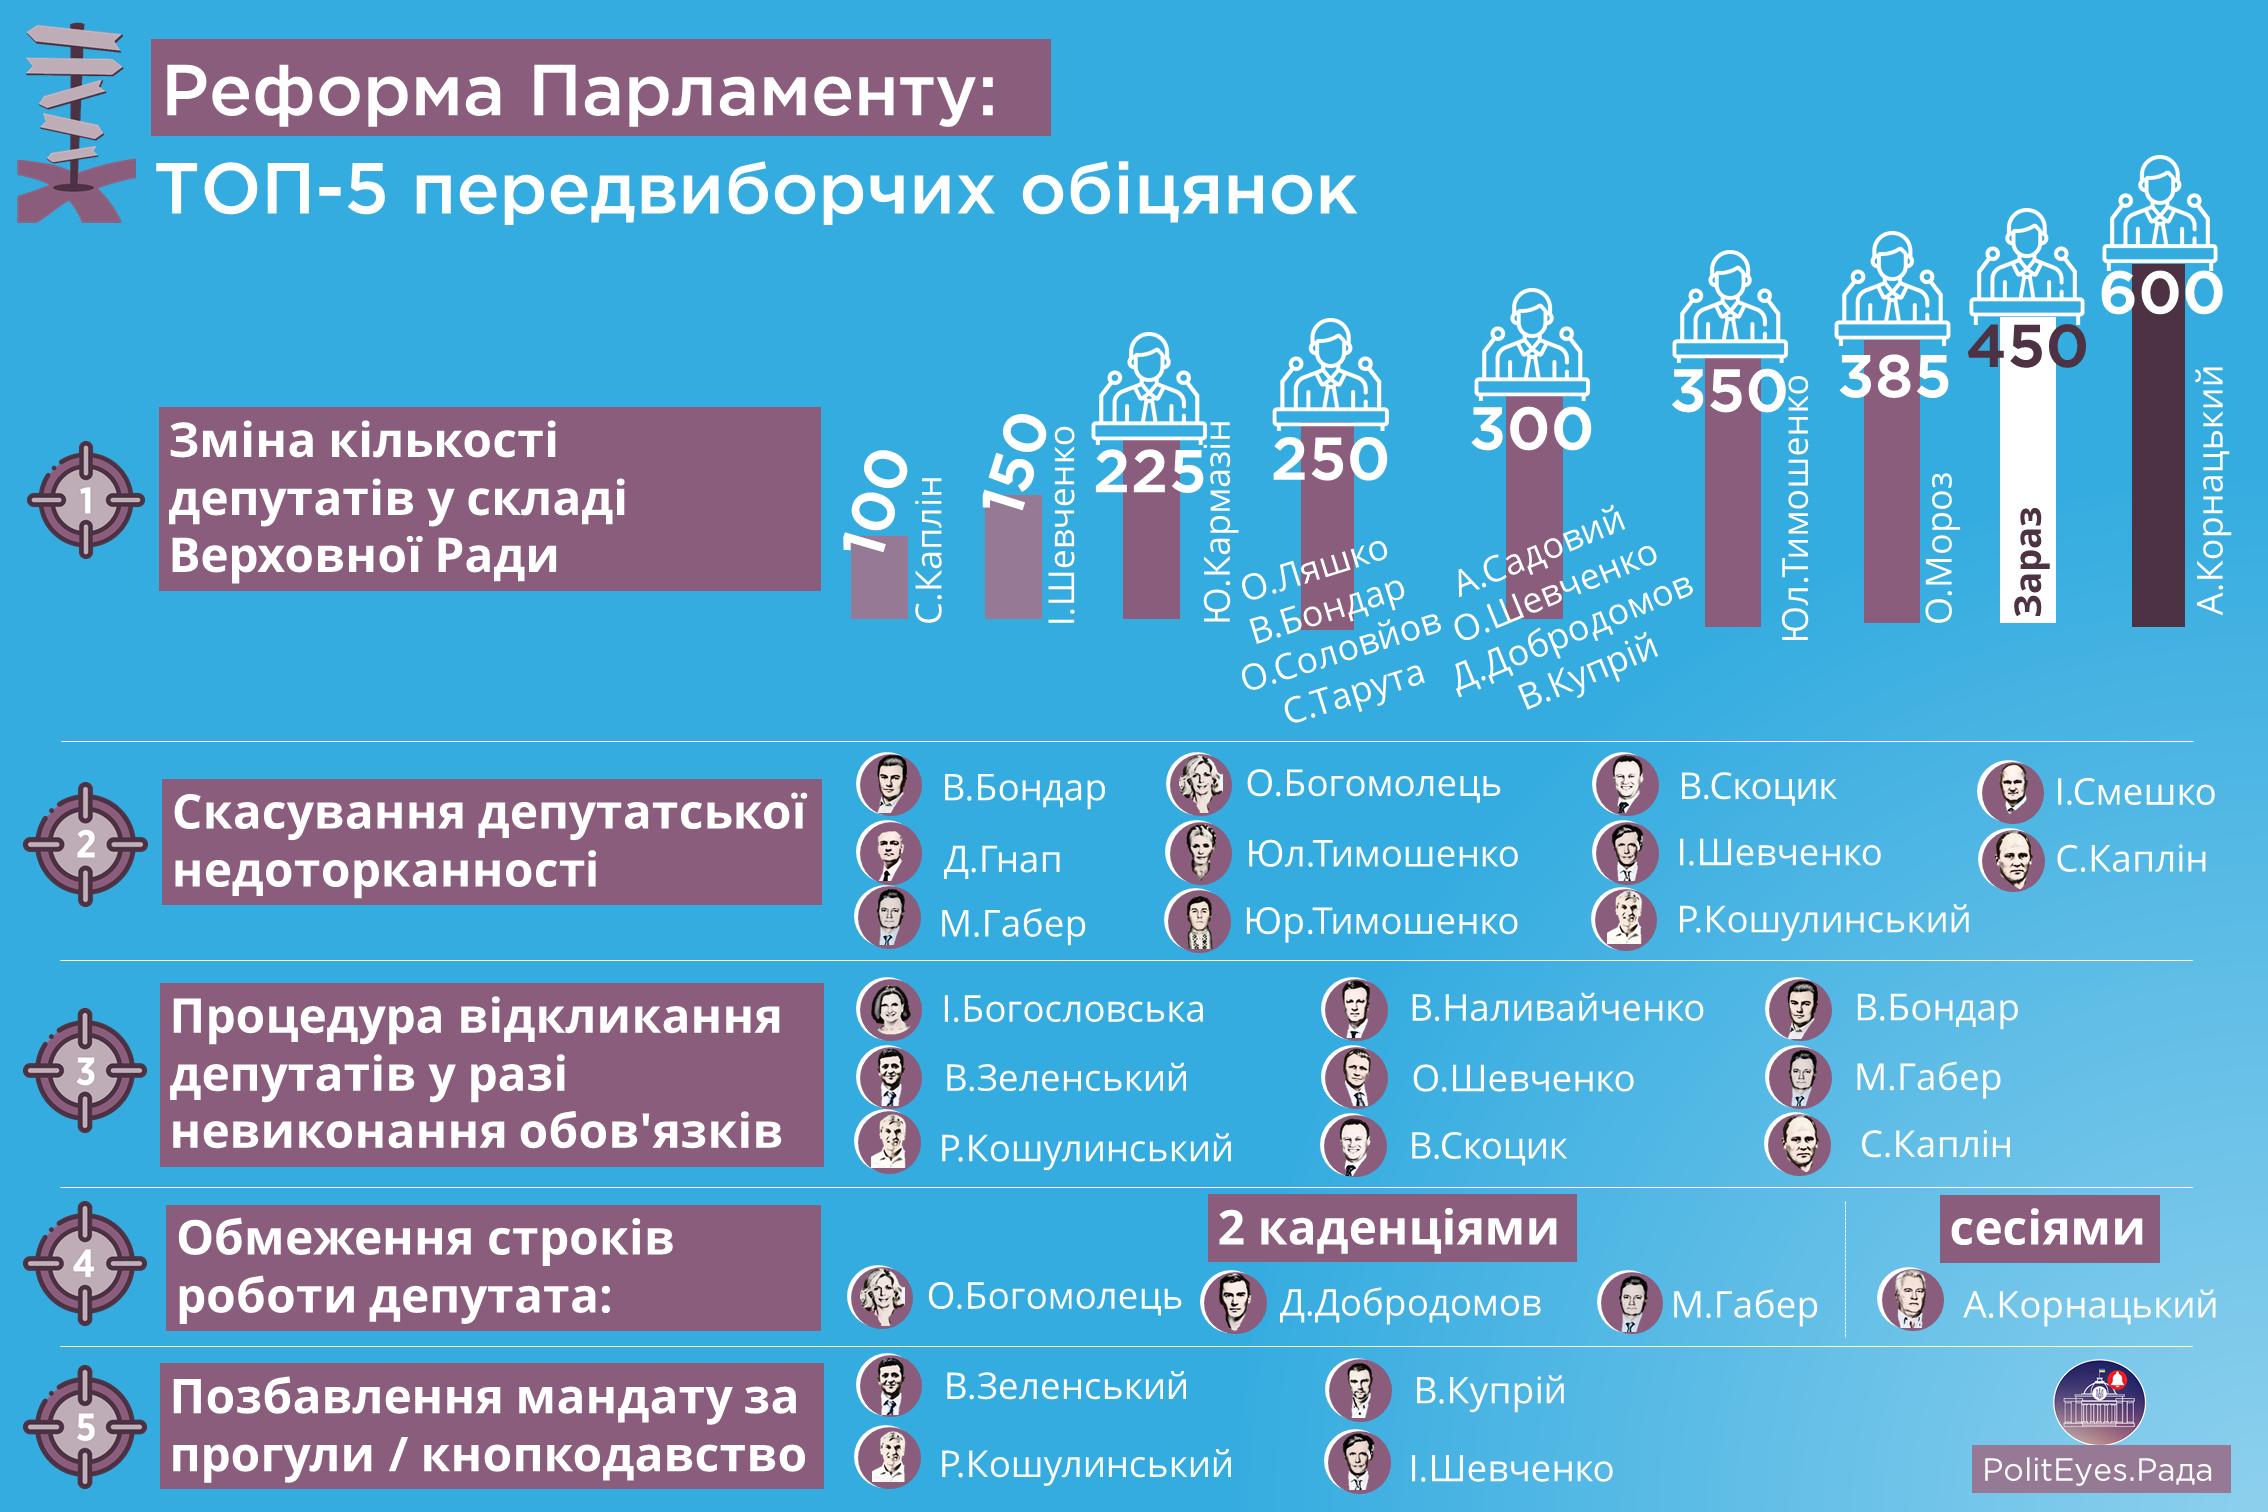 Реформа парламенту